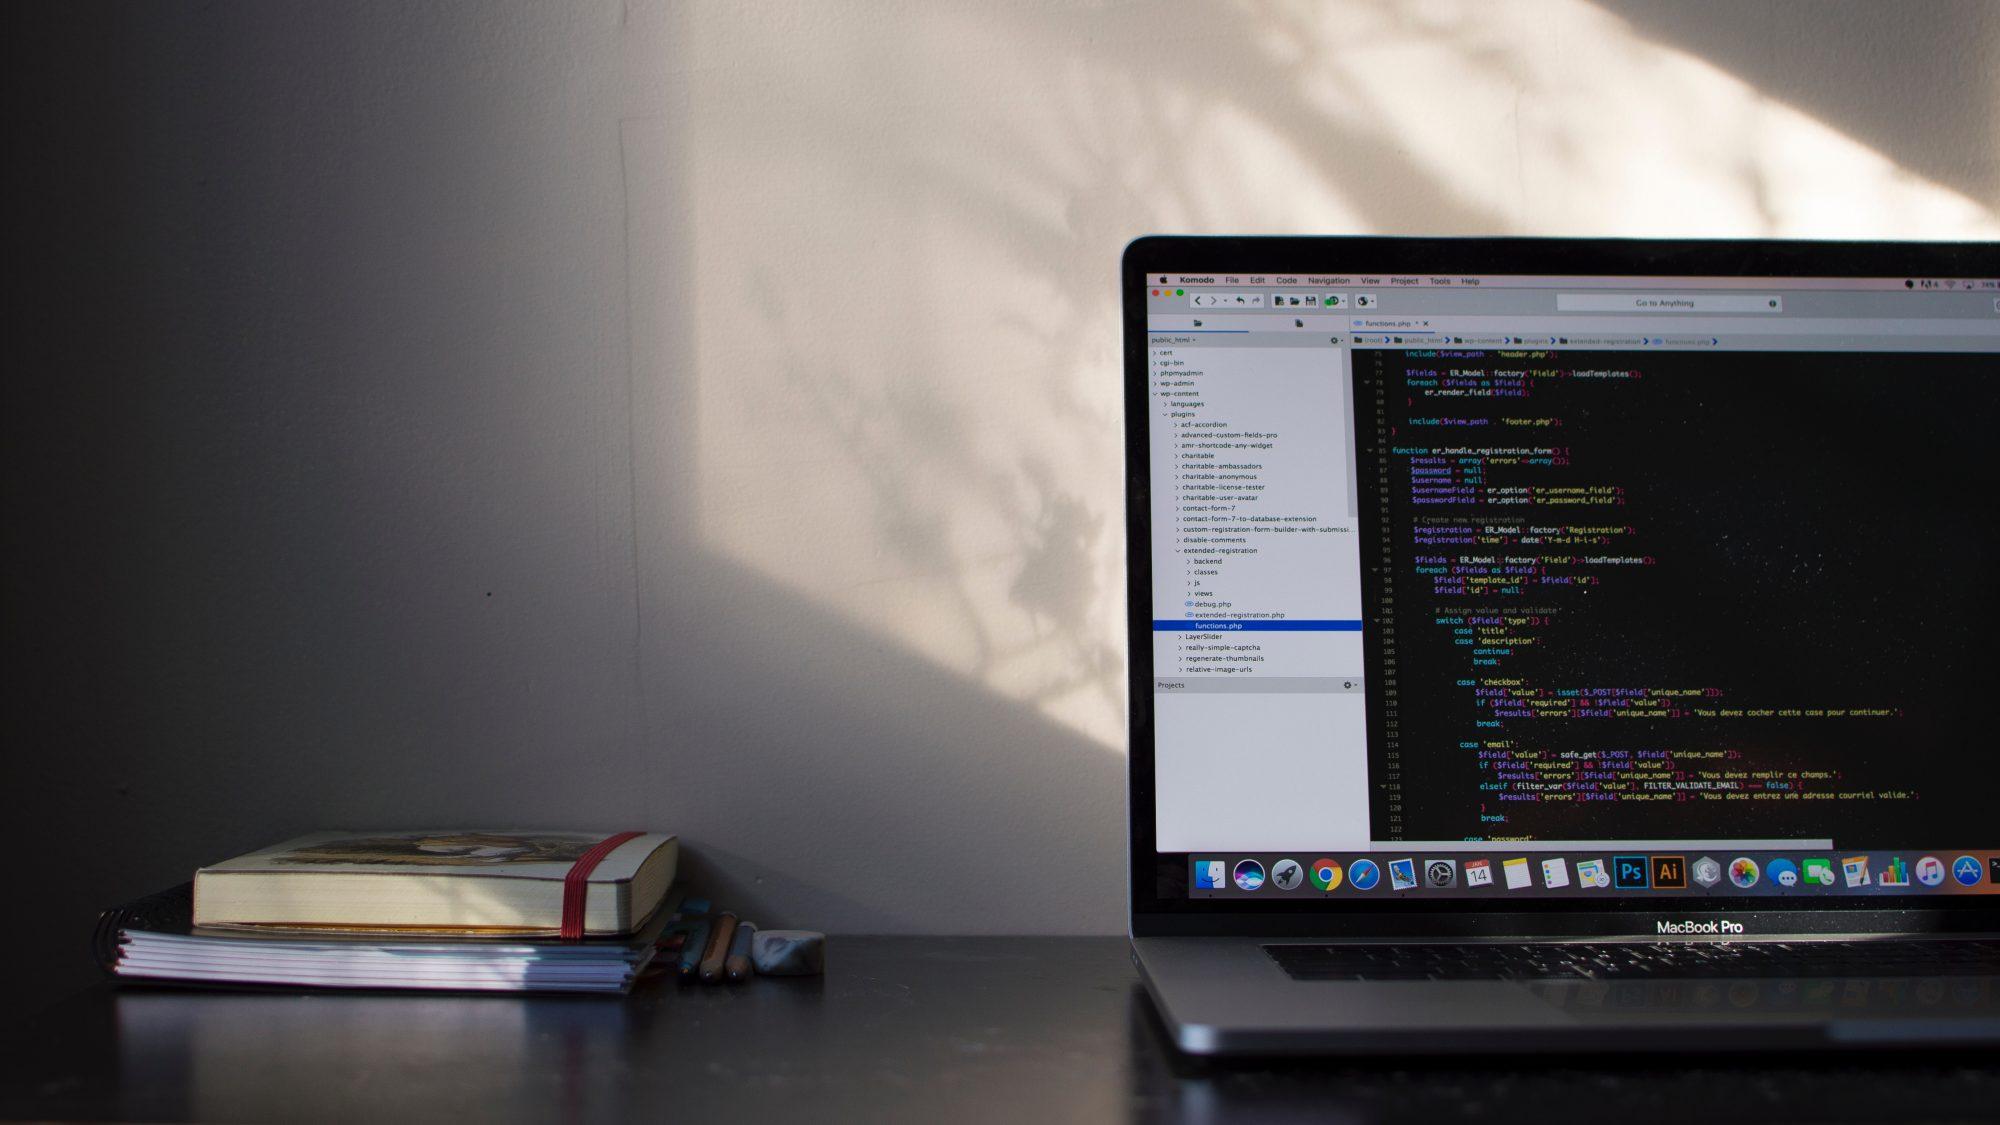 یک قرارداد نام گذاری XML موفق | ایجاد نظم در پروژه